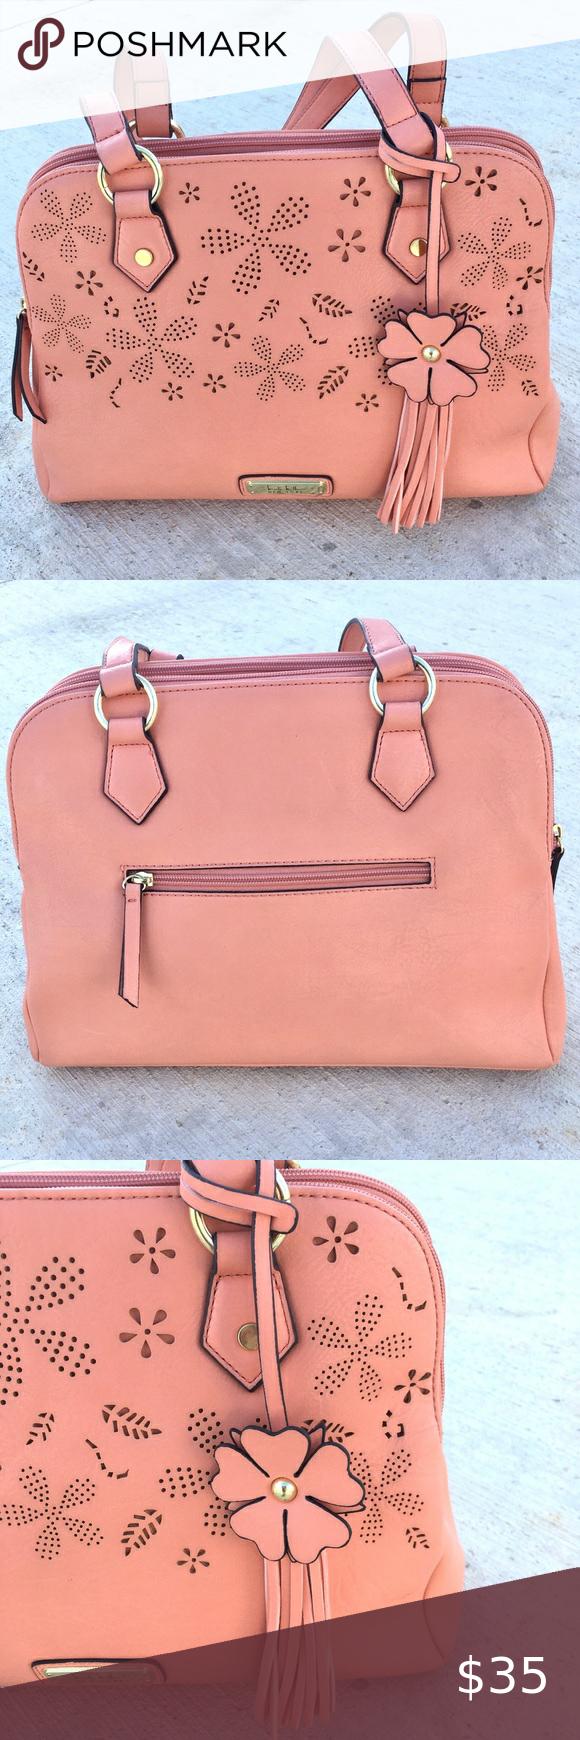 NICOLE MILLER Handbag shoulder peach coral floral GREAT